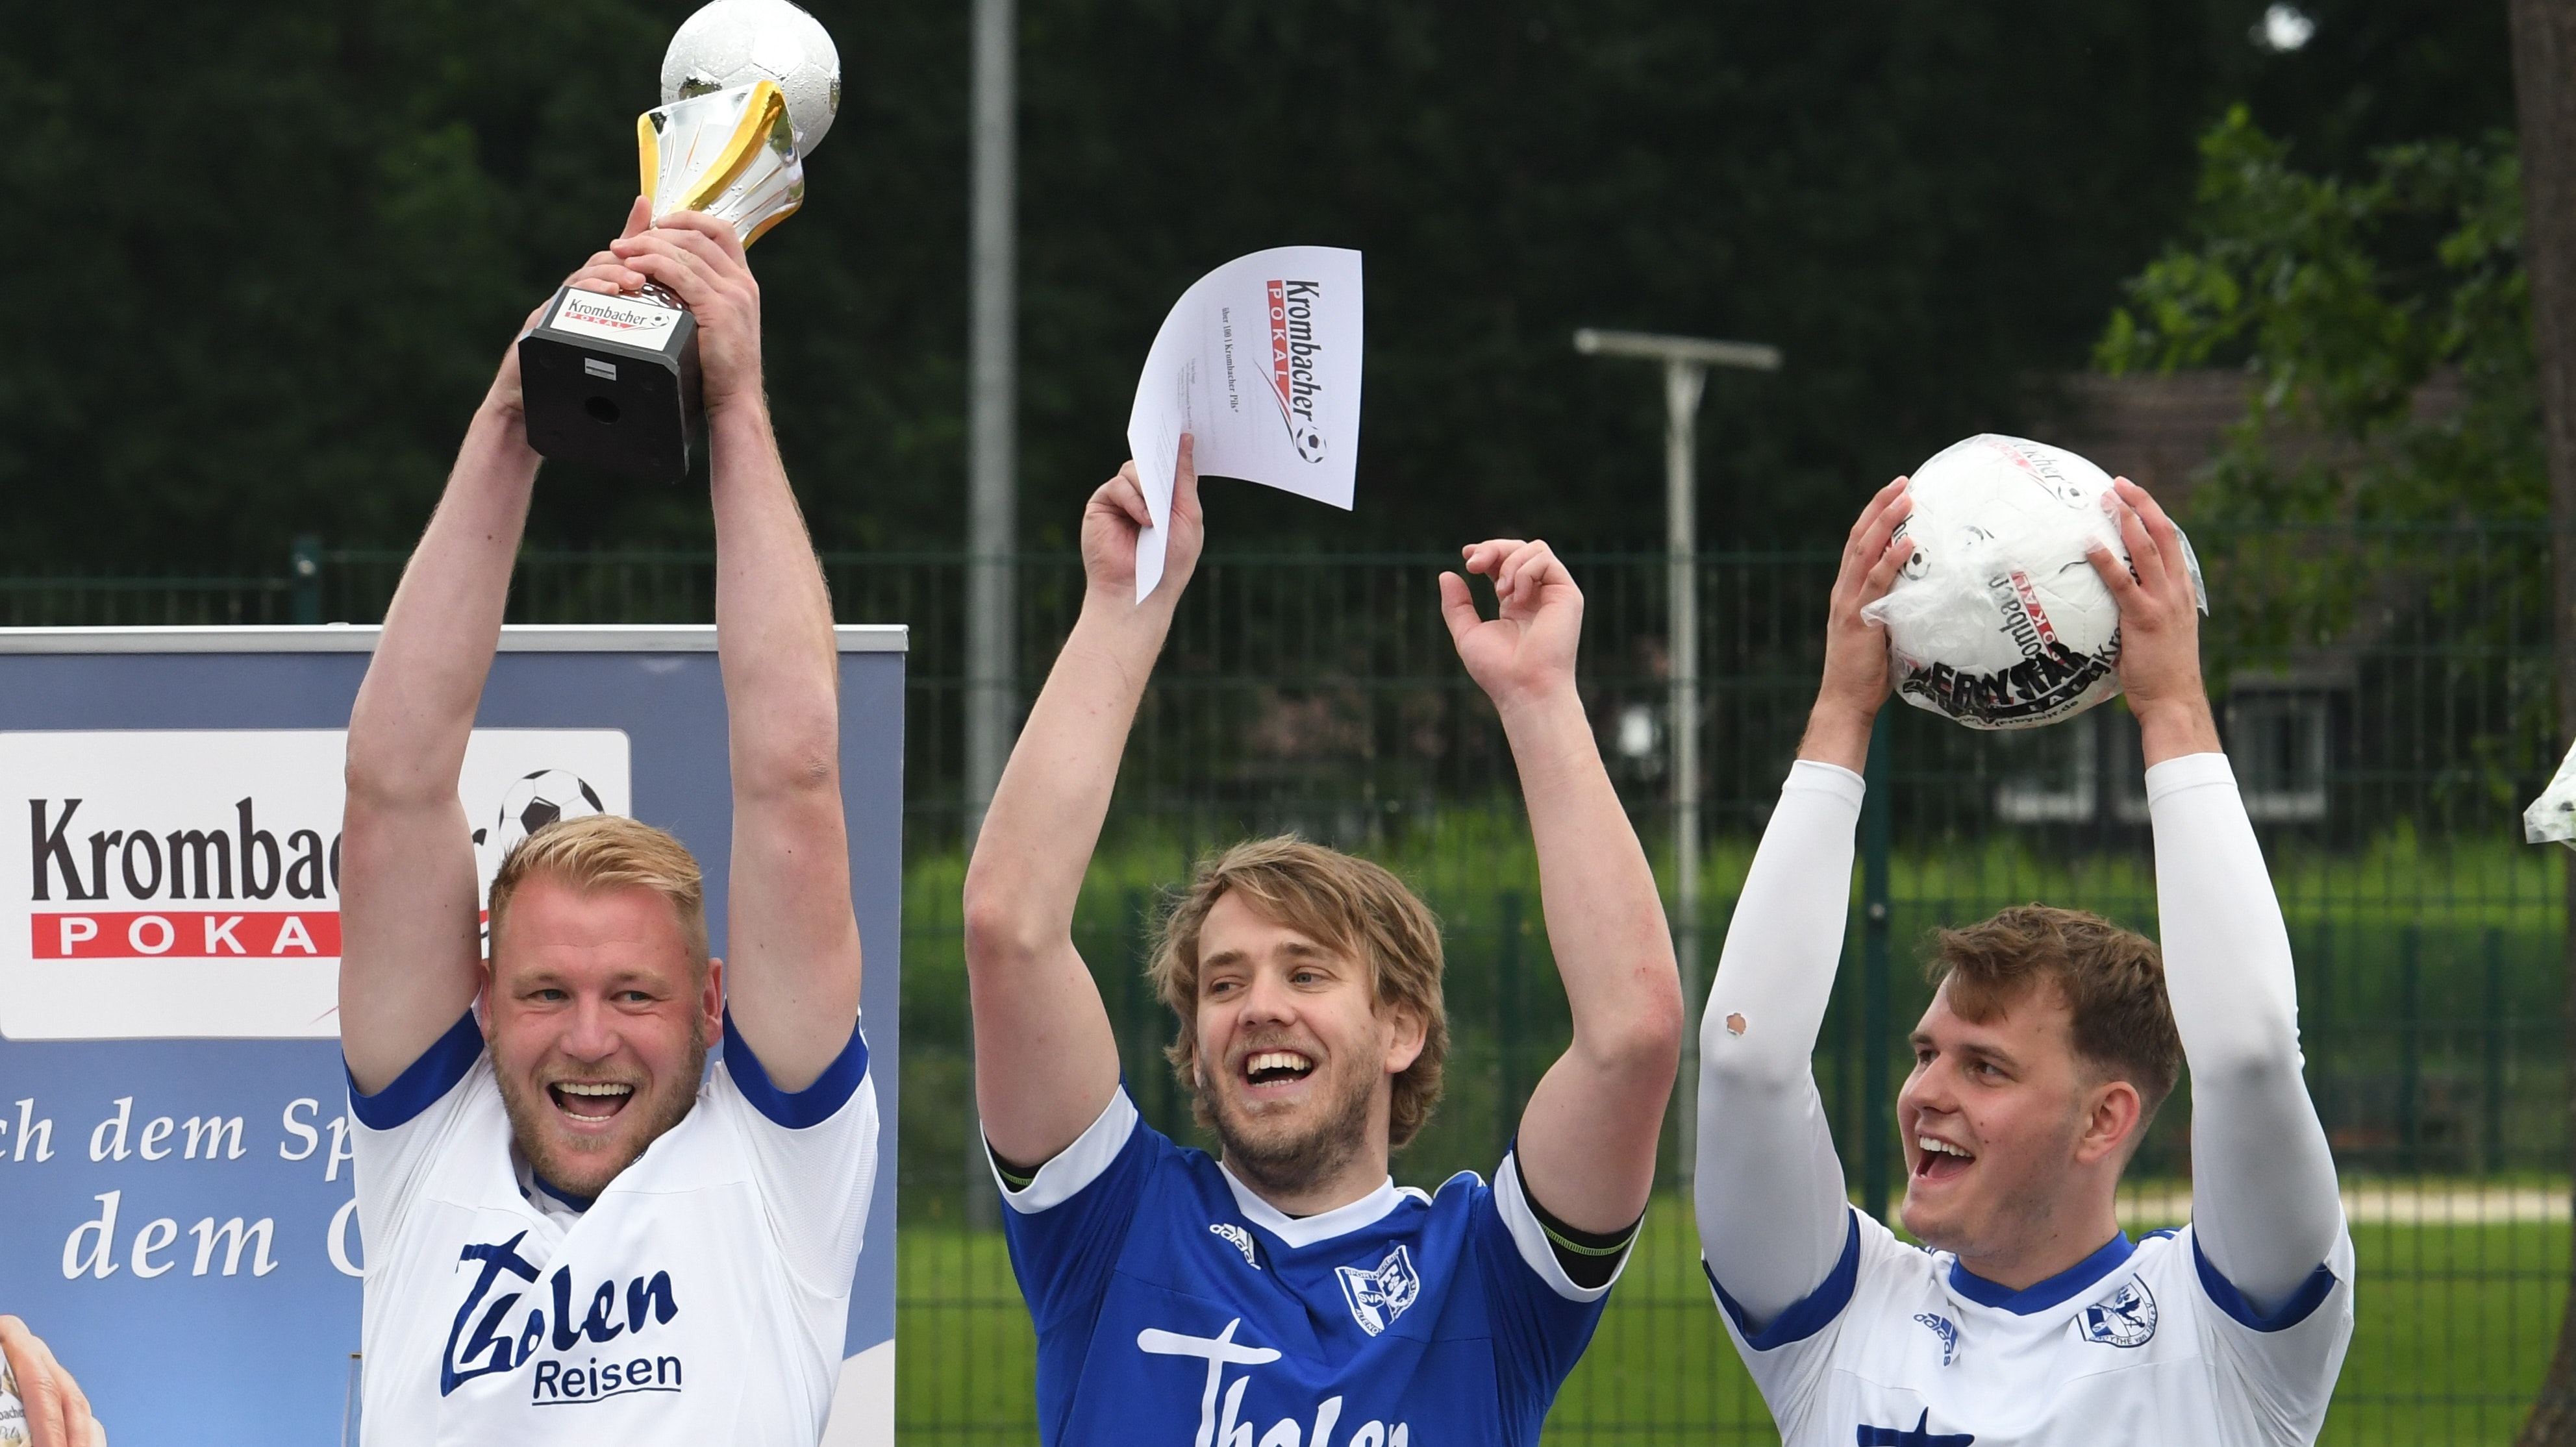 So sehen Sieger aus: (von links) Stefan Brünemeyer, Joscha Wittstruck und Jan-Philipp Plaggenborg vom SV Altenoythe. Foto: Wulfers